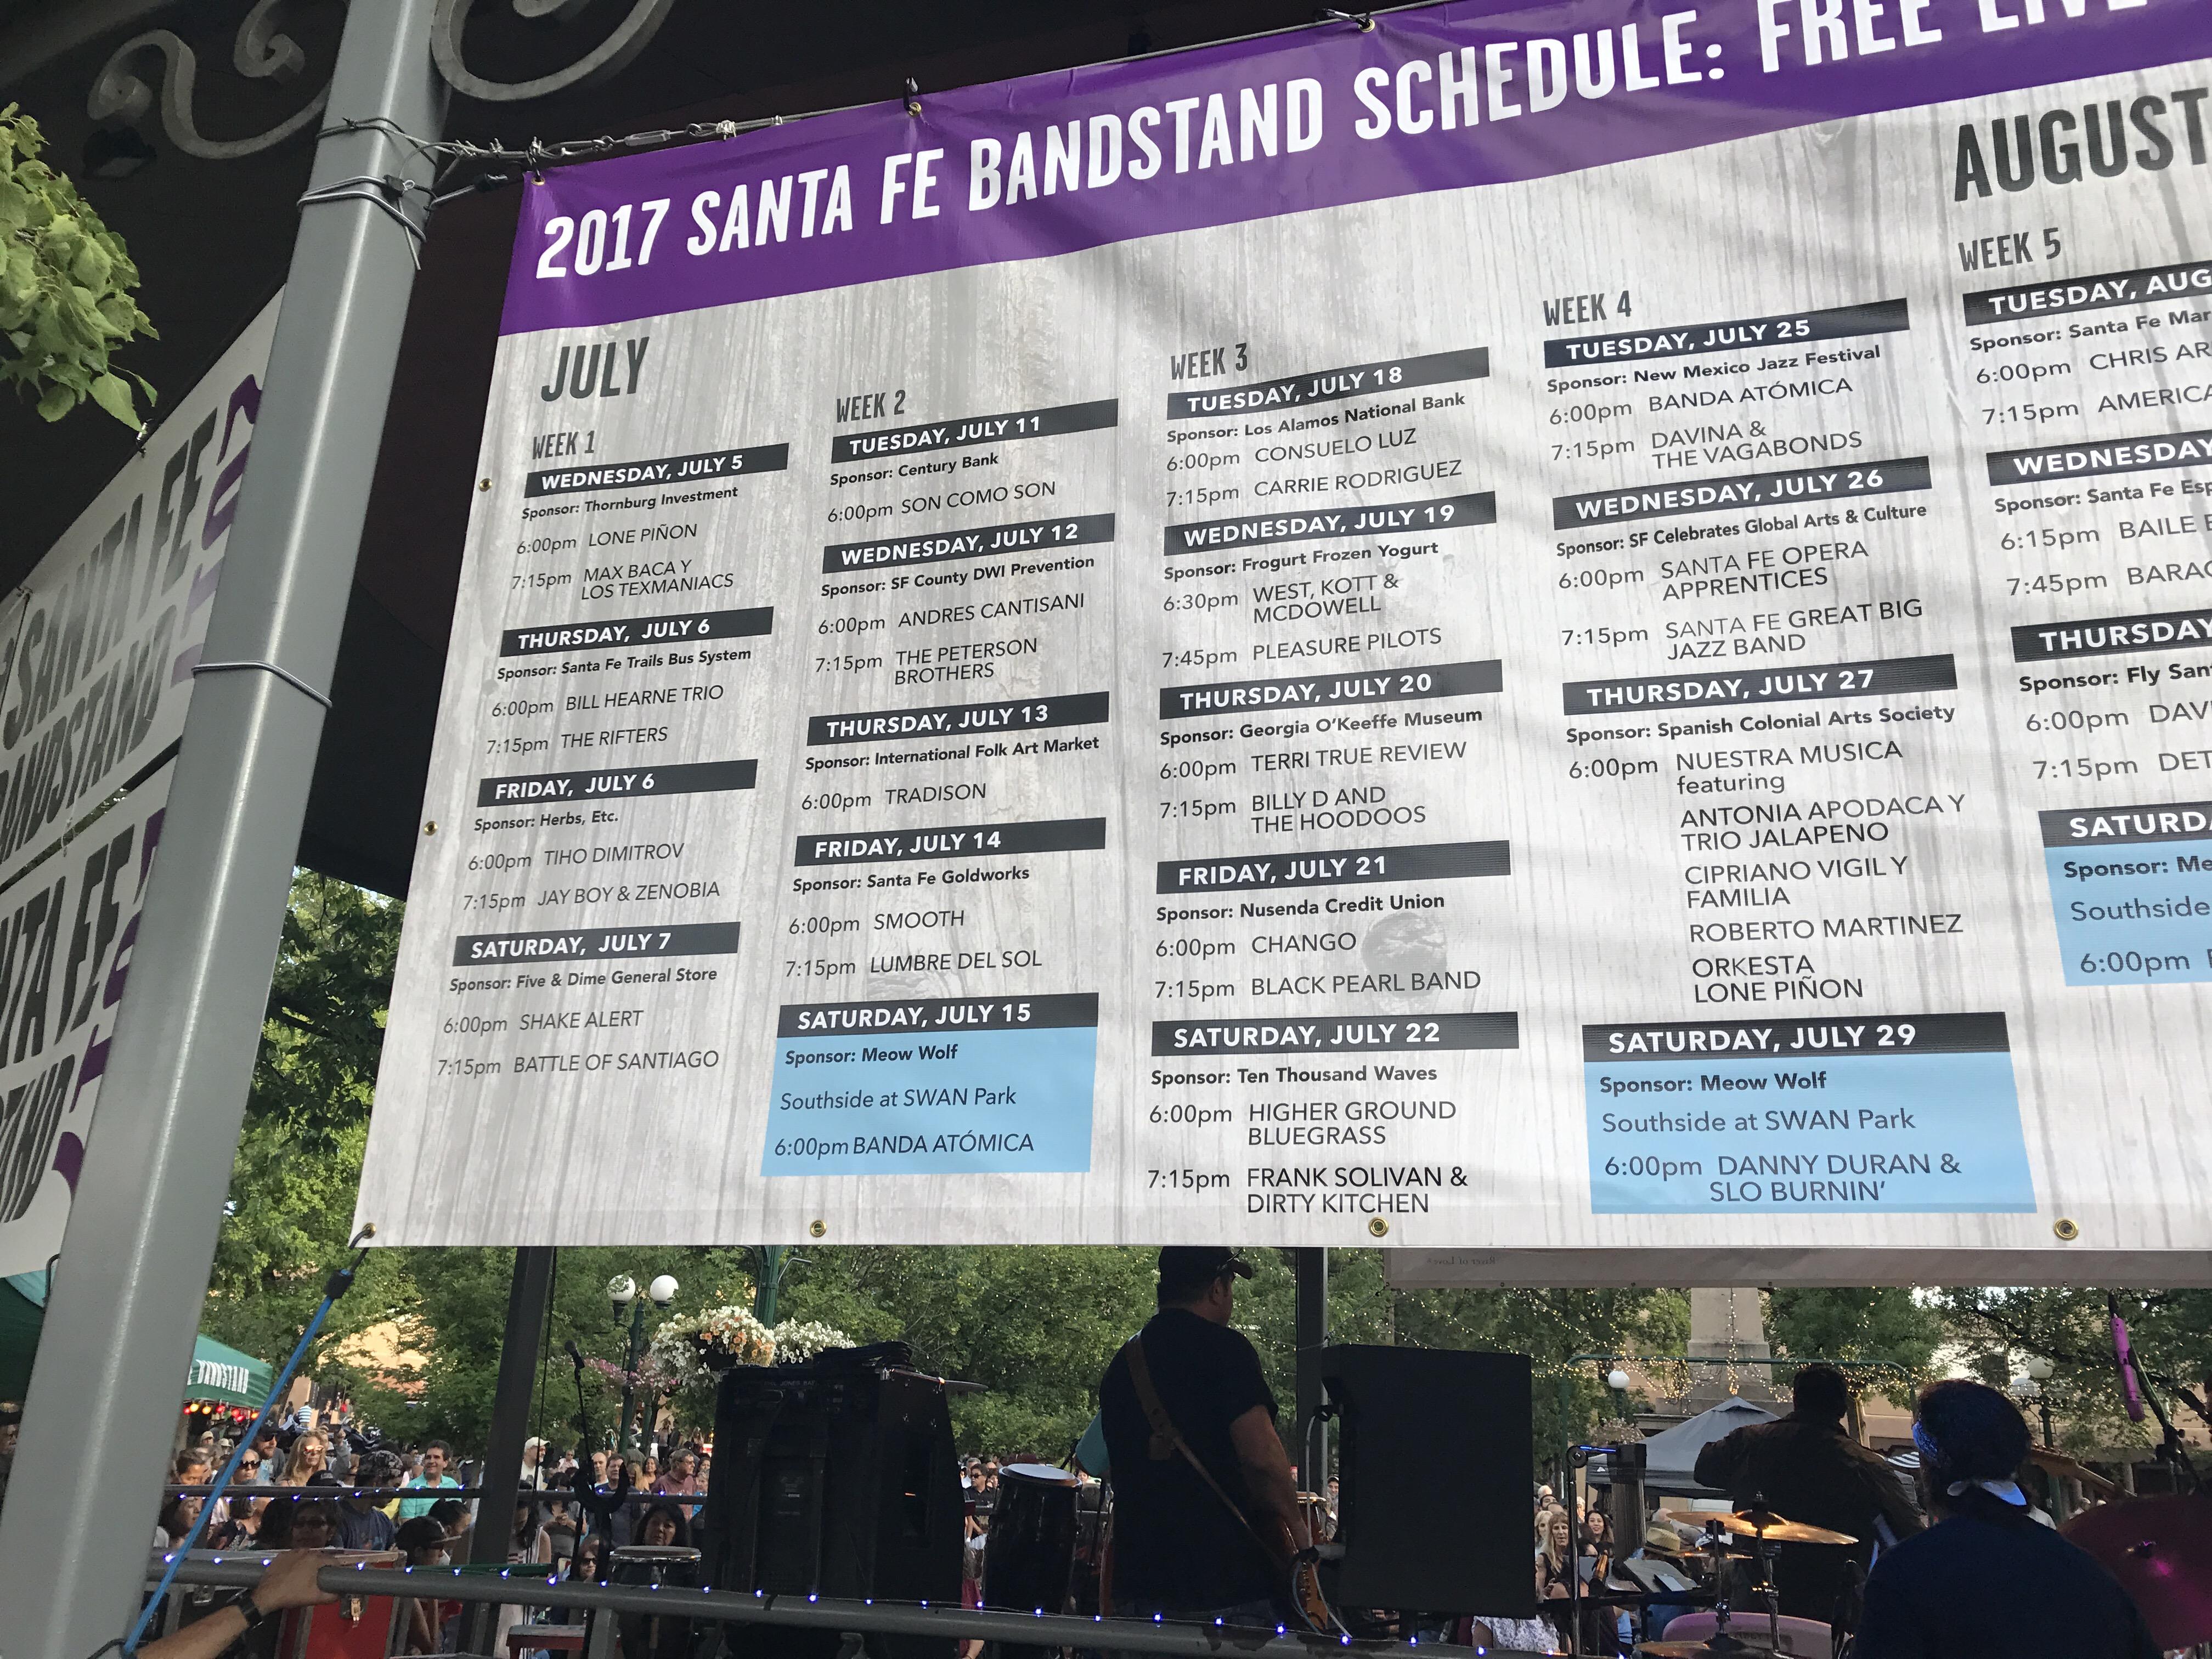 Santa Fe Bandstand line up 2017 #santafebanstand2017